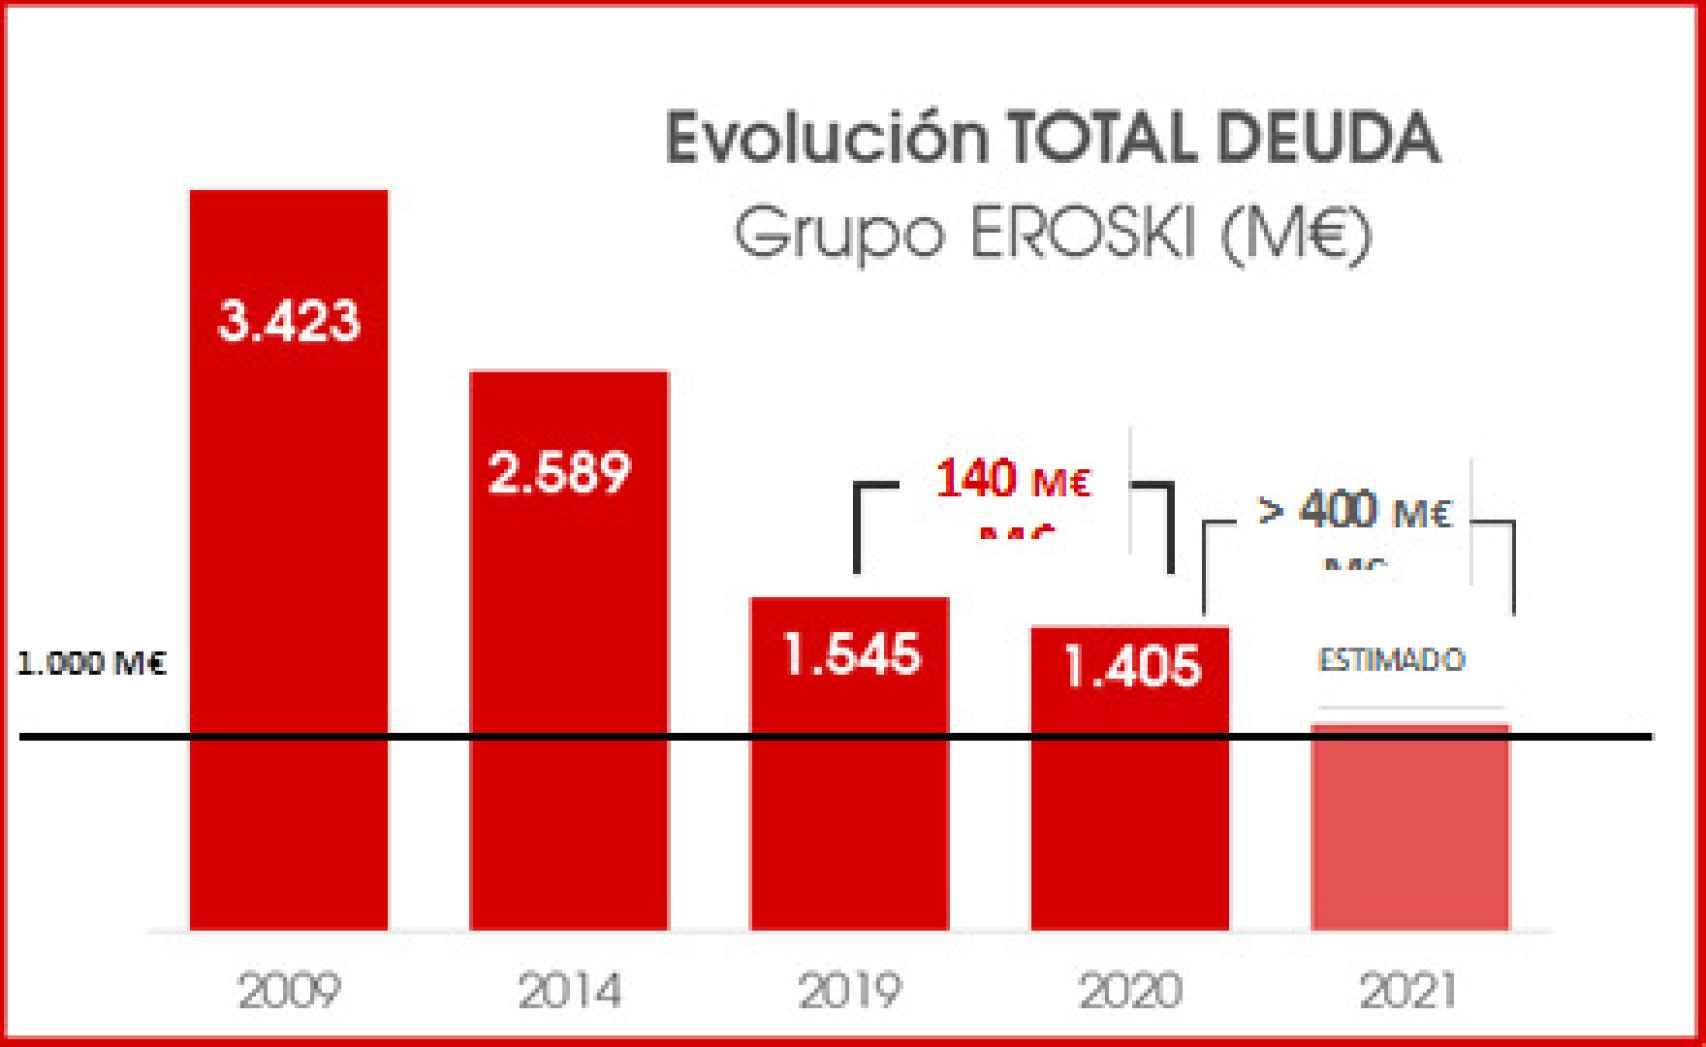 Evolución de la deuda de Eroski.